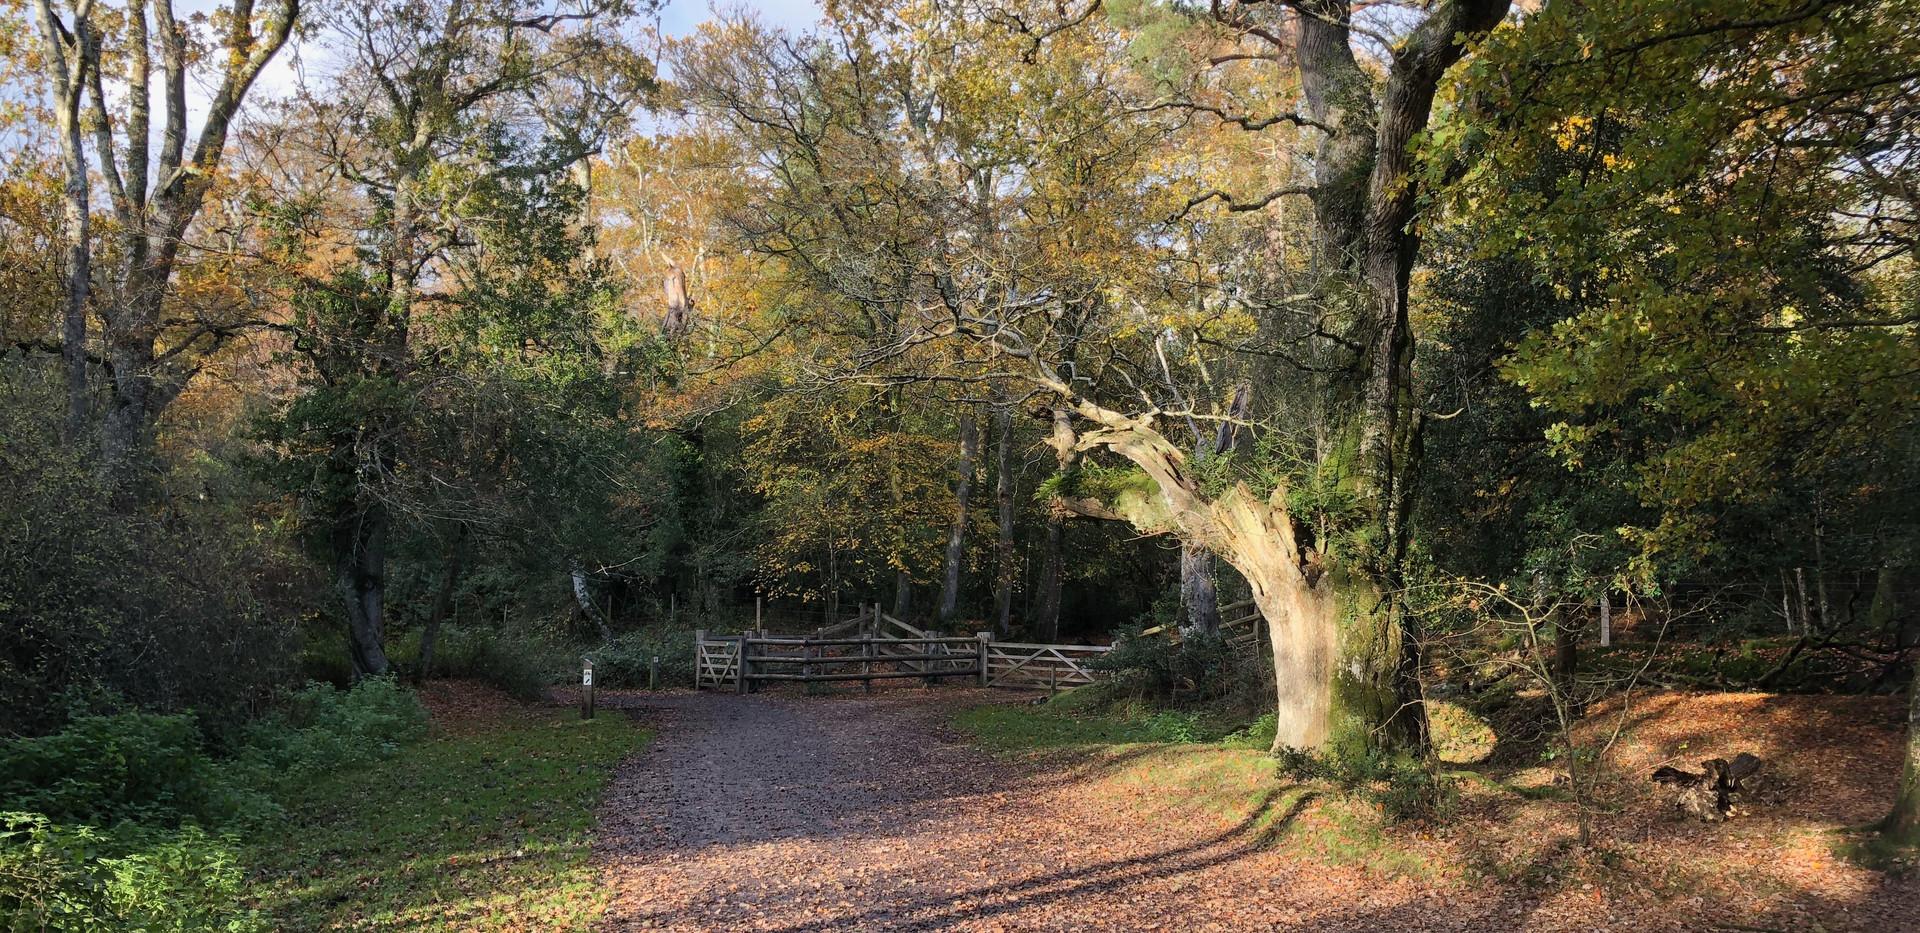 Aldridge woods